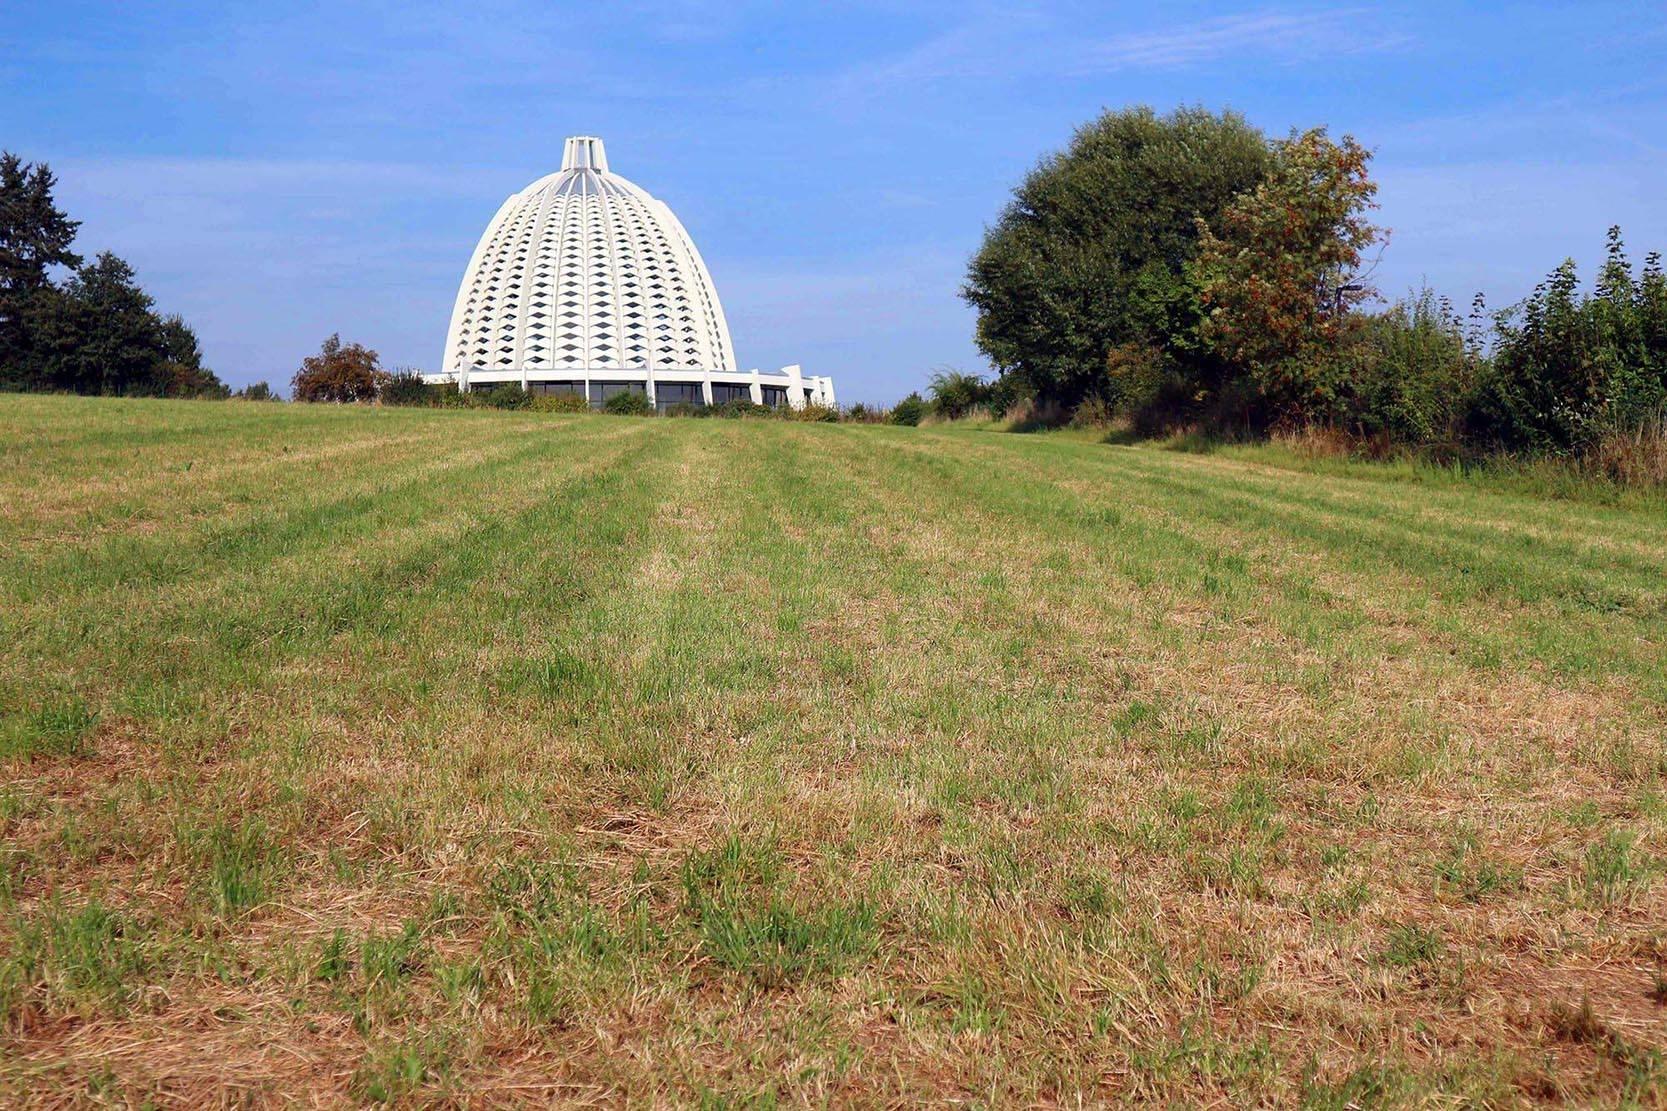 Haus der Andacht. Der Bahai-Tempel am Rande der Ortschaft Langenhain der Gemeinde Hofheim am Taunus.